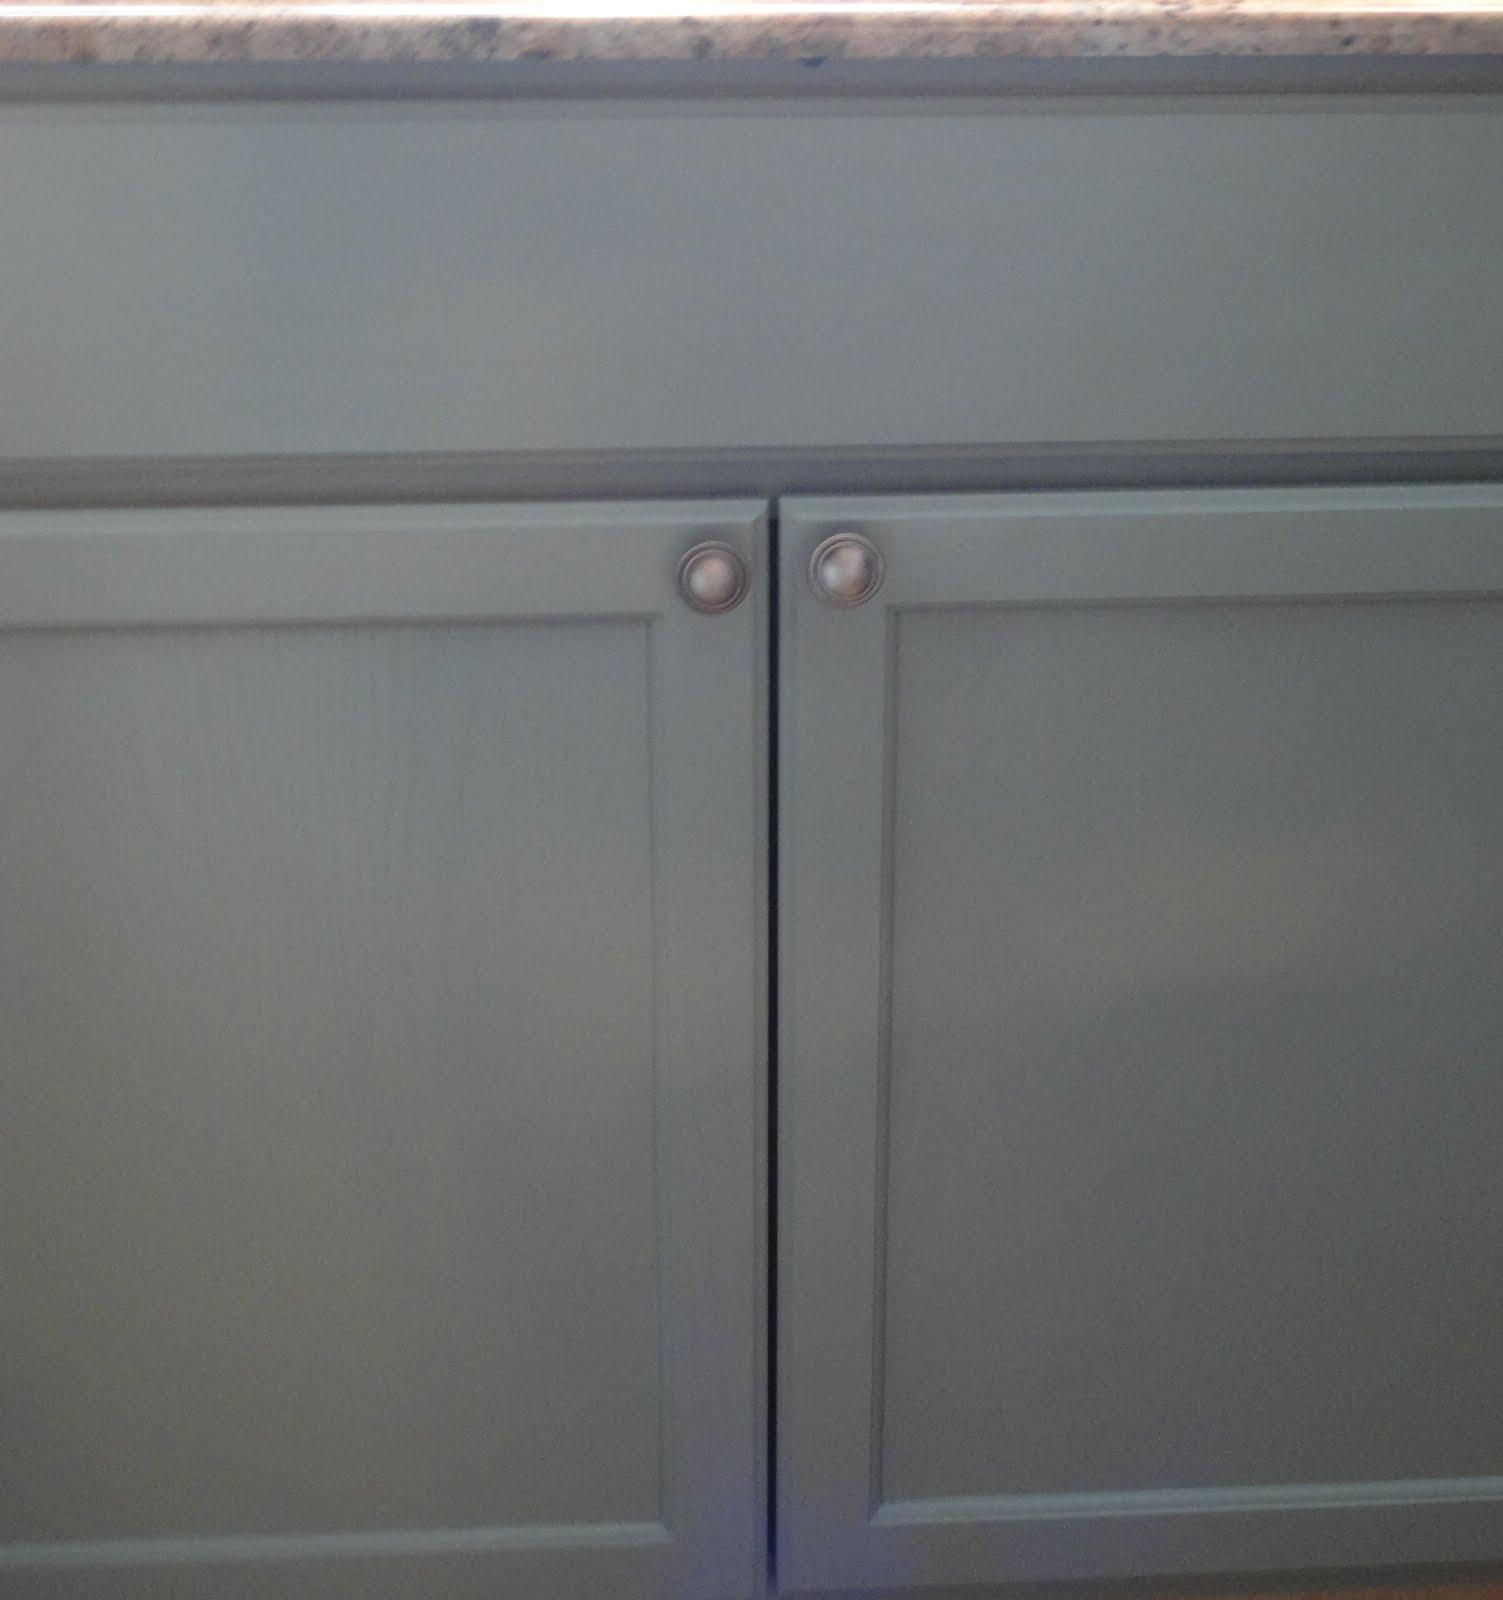 Rustoleum Kitchen Cabinets: Craftsman 1204: Rustoleum Cabinet Transformations-Kitchen Reno